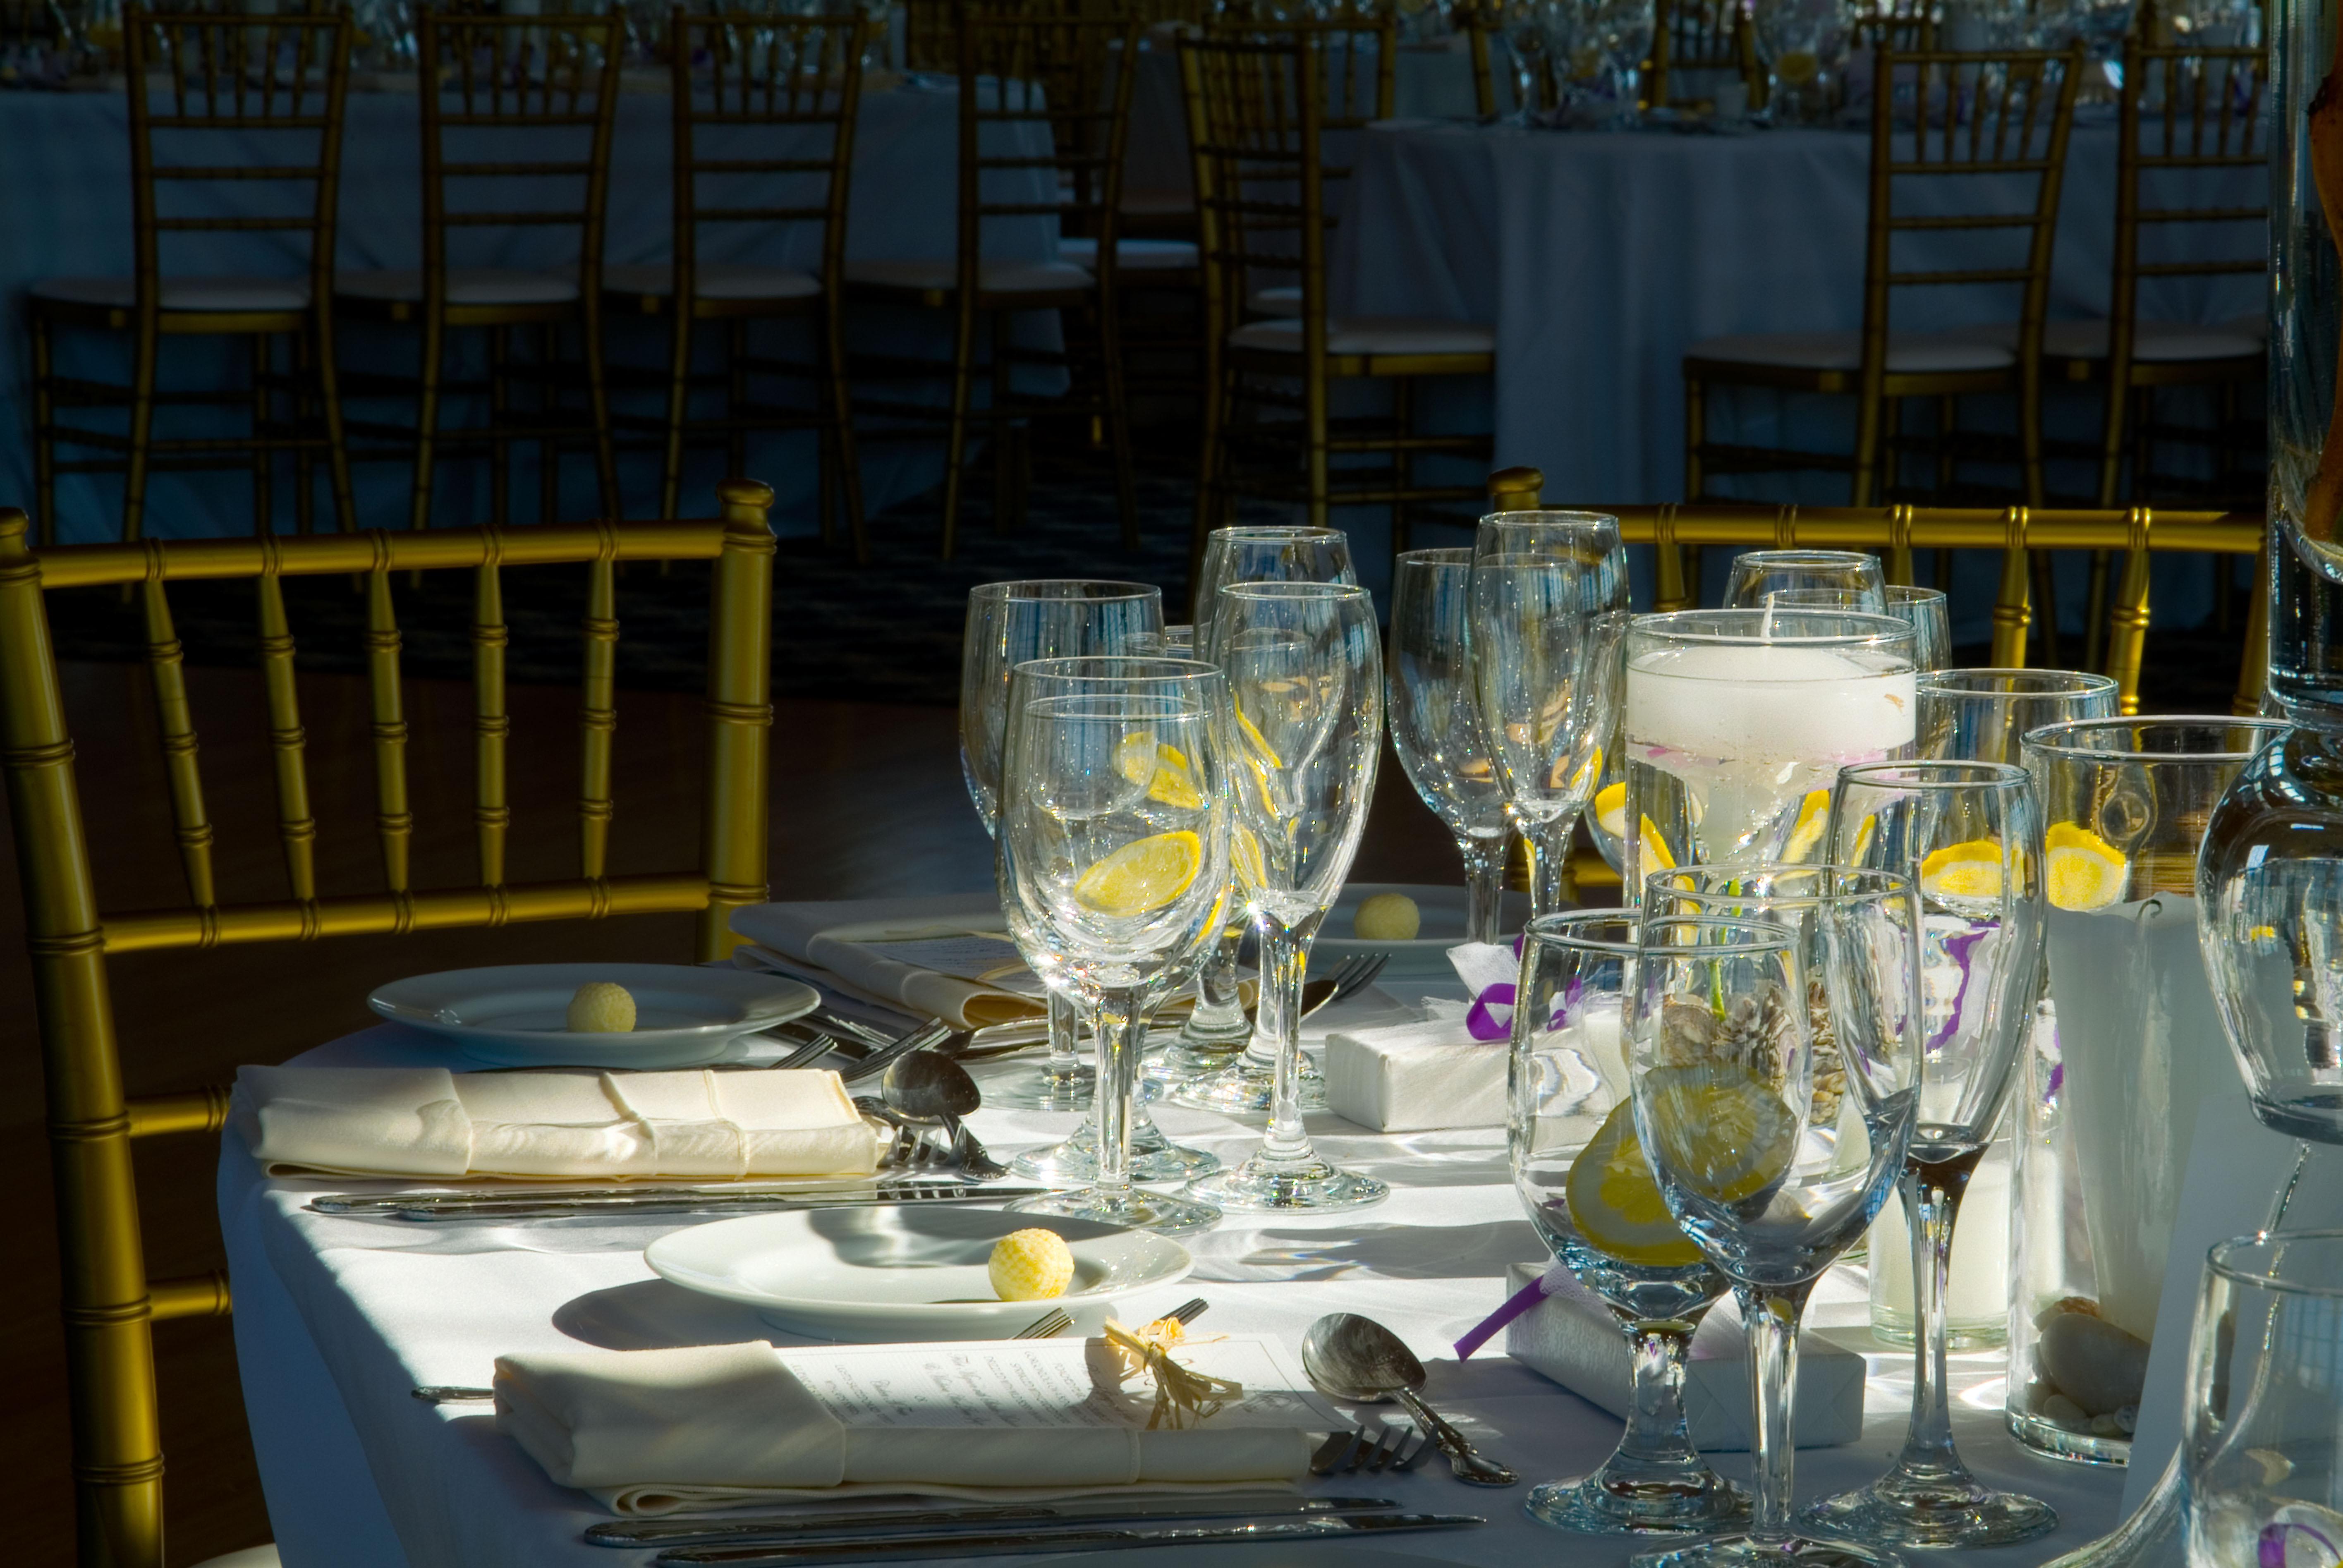 dark wedding banquet hall